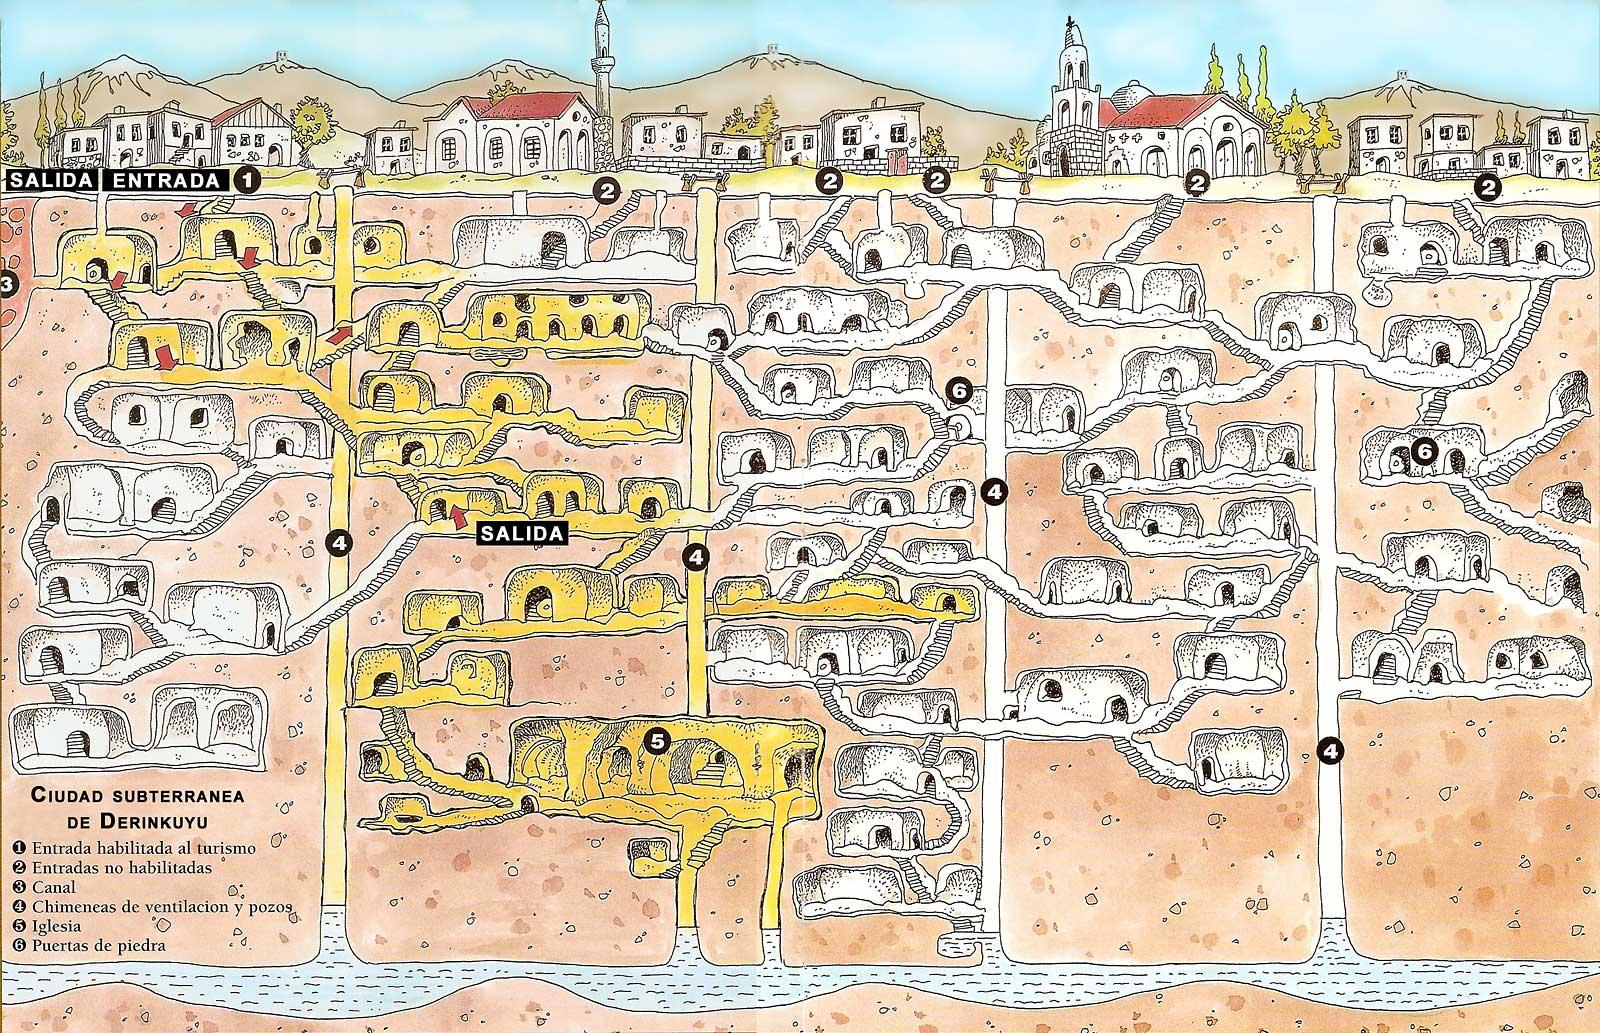 derinkuyu map Пет древних грађевина које уопште ни не би требало да постоје